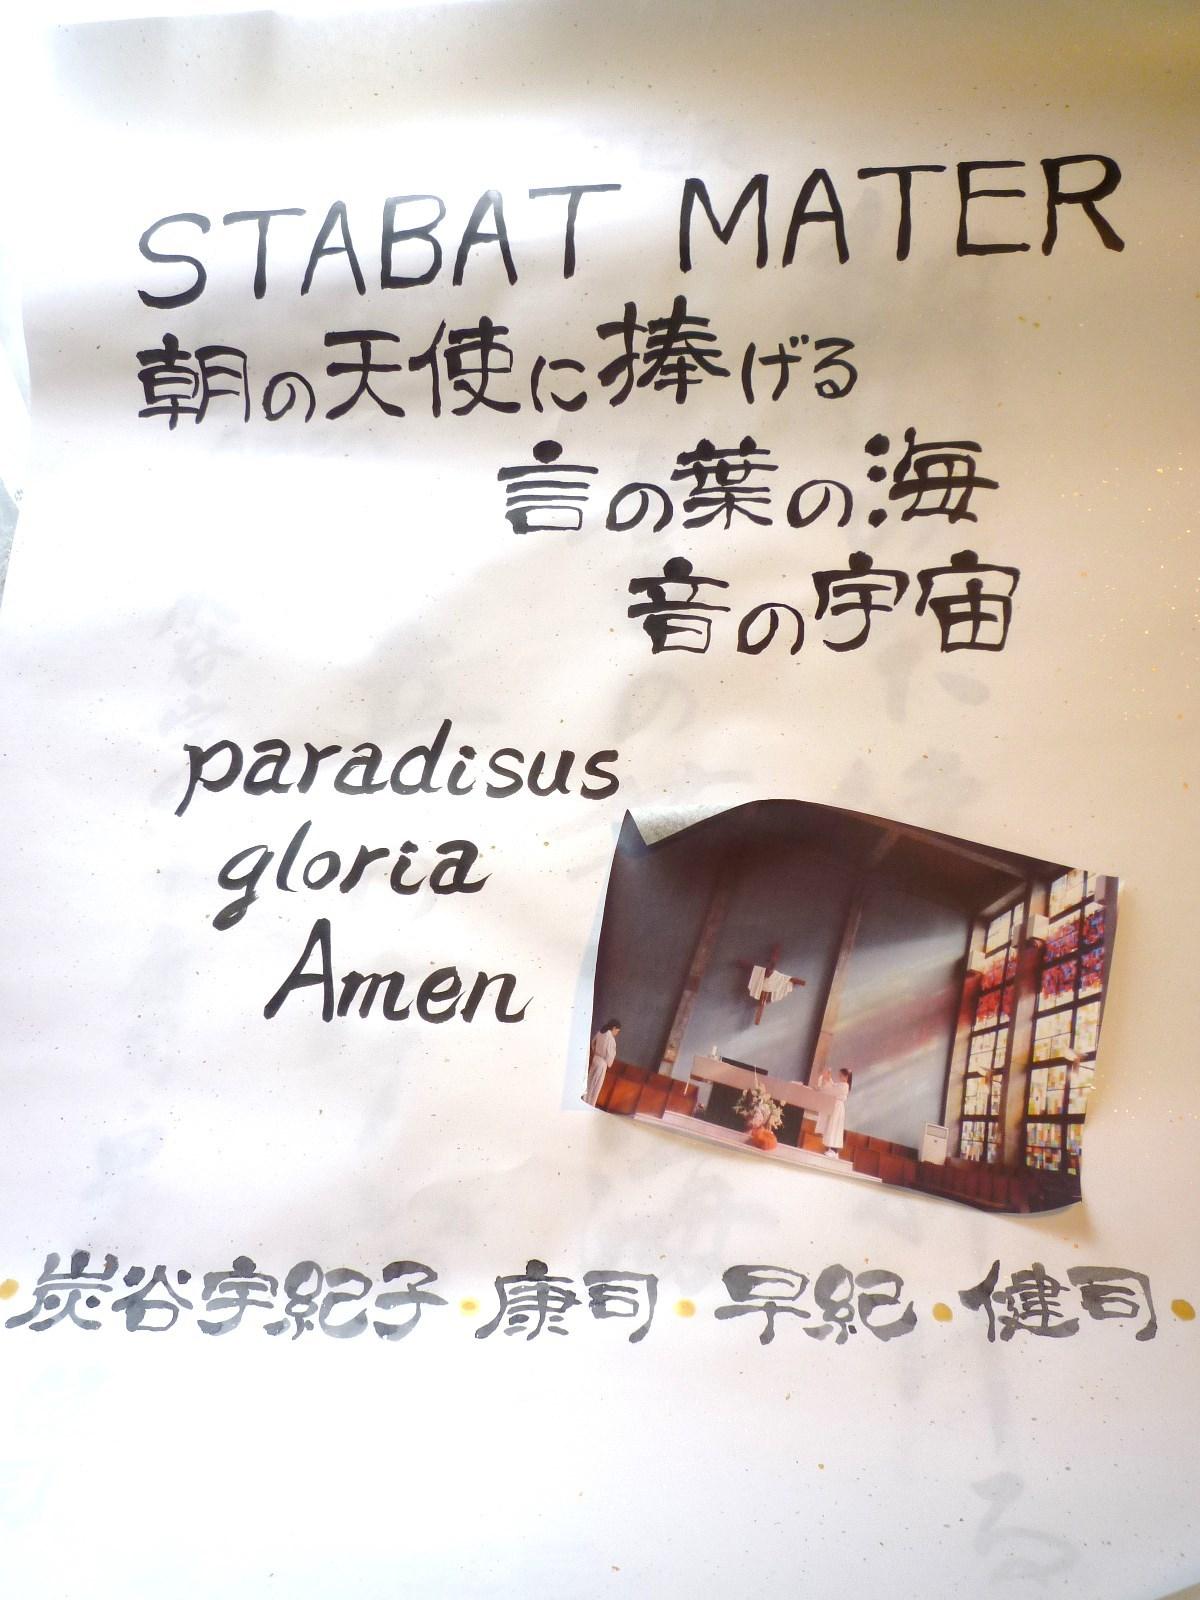 STABAT MATER† 朝の天使に捧げる 言の葉の海 音の宇宙 paradisus gloria Amen ♫•*¨*•.♡♪:☆.。†@ベップ・アート・マンス2017_a0053662_19202026.jpg